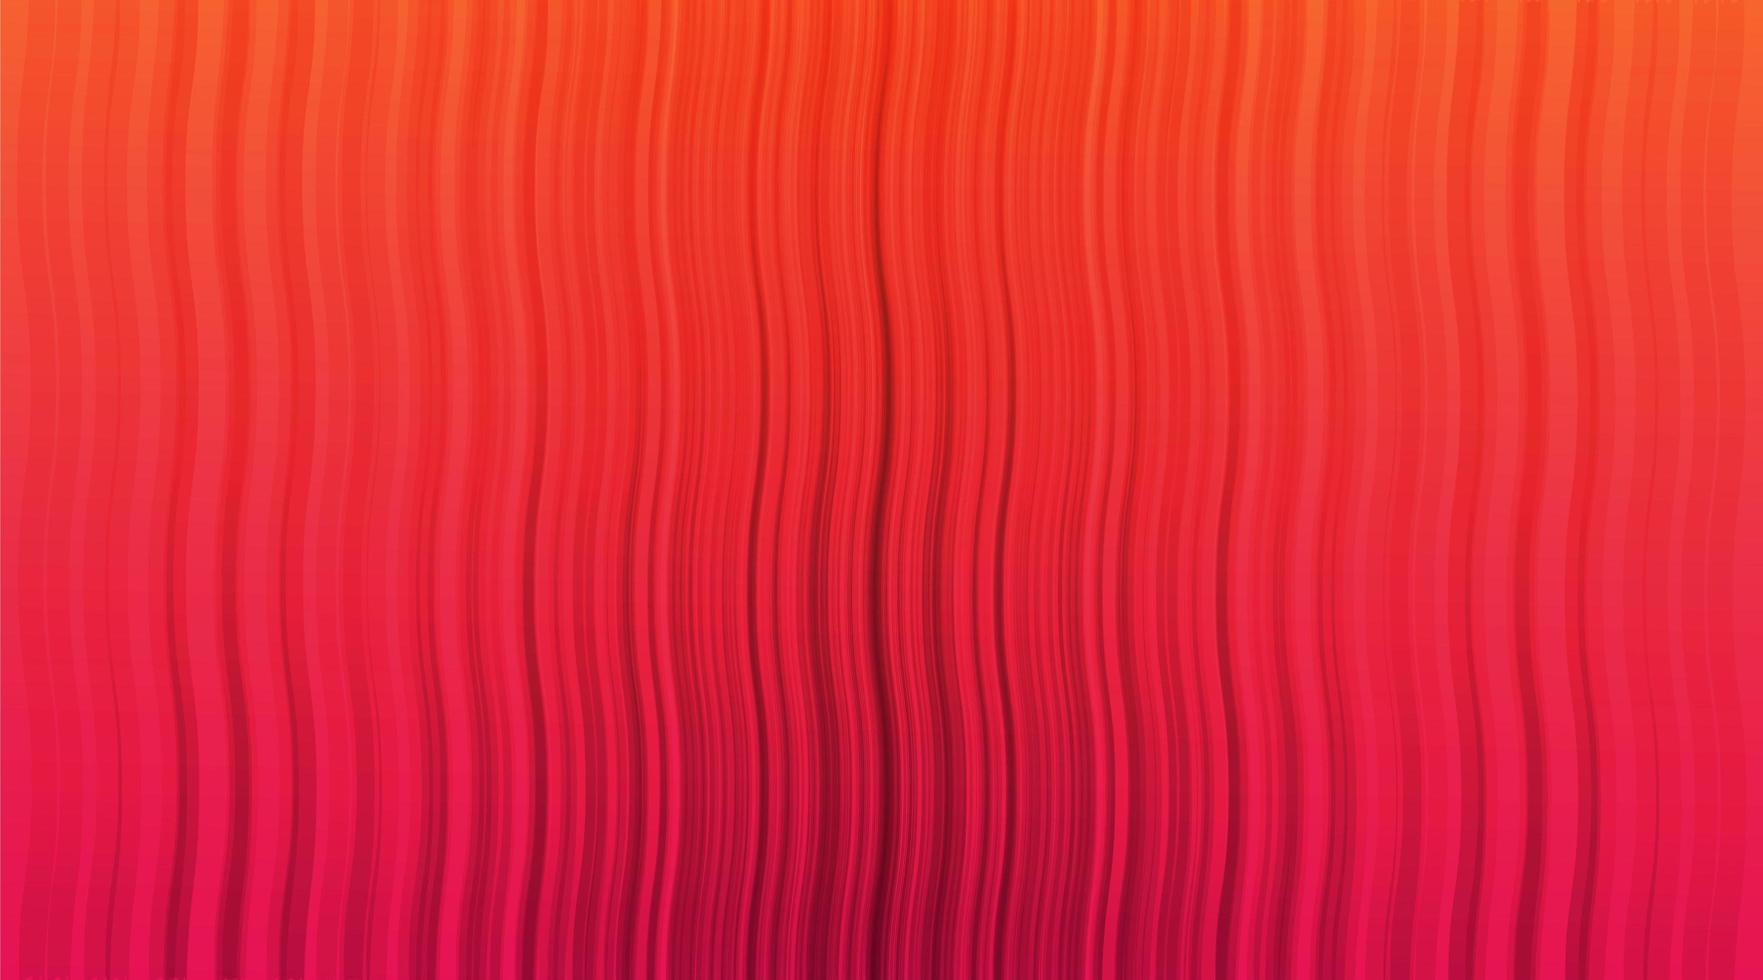 vecteur agitant fond de rideau rose, style moderne.